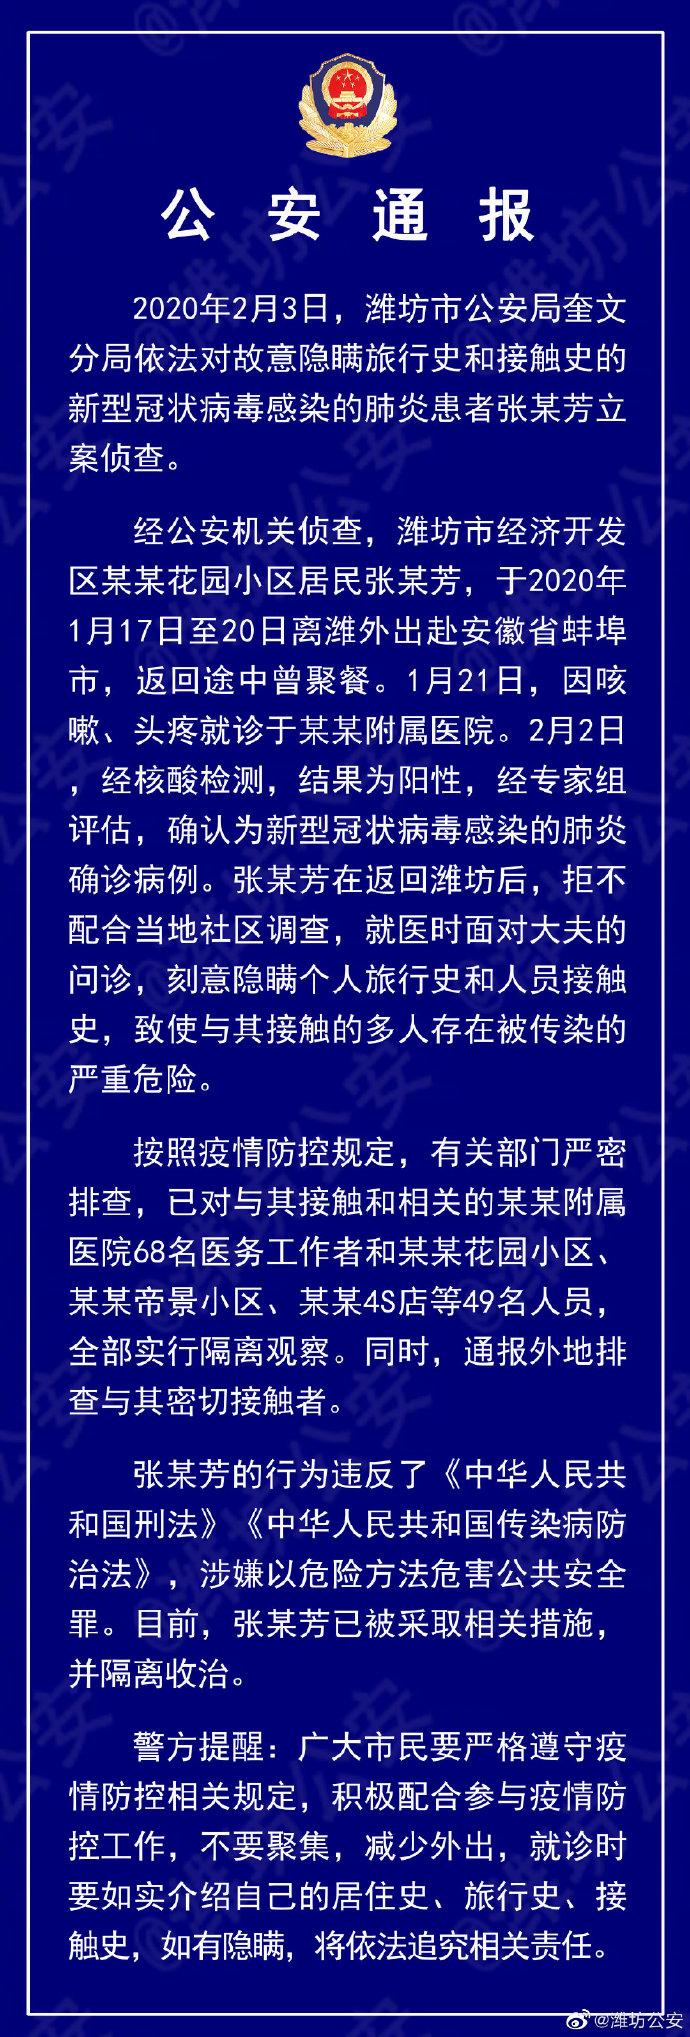 確診新型tou)窩諄頰咭髦8名醫務(wu)人(ren)員被隔離(li) 警(jing)方立案(an)